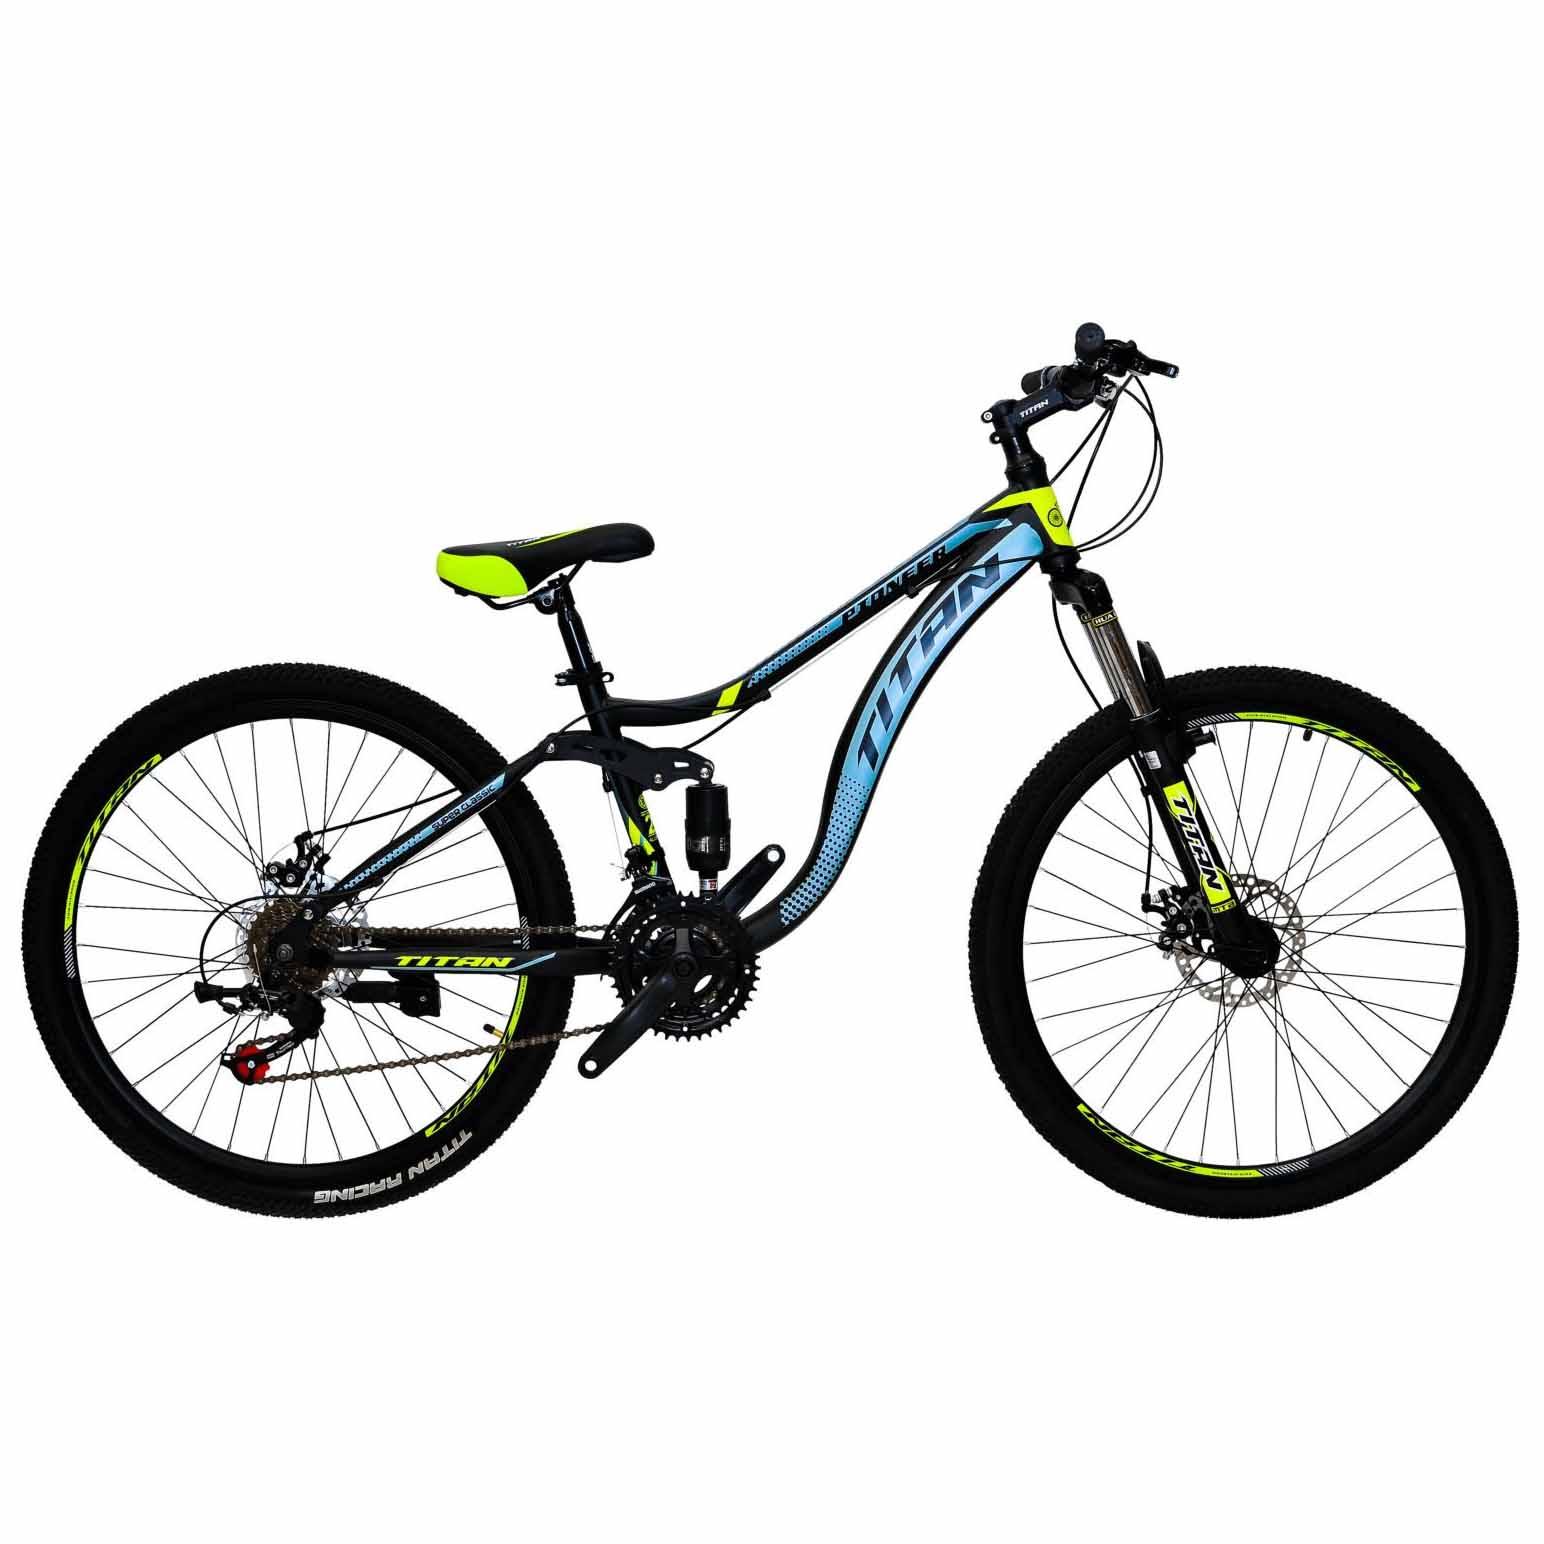 Фото Горный Велосипед 26 Titan Pioneer черно-серо-желтый 2019